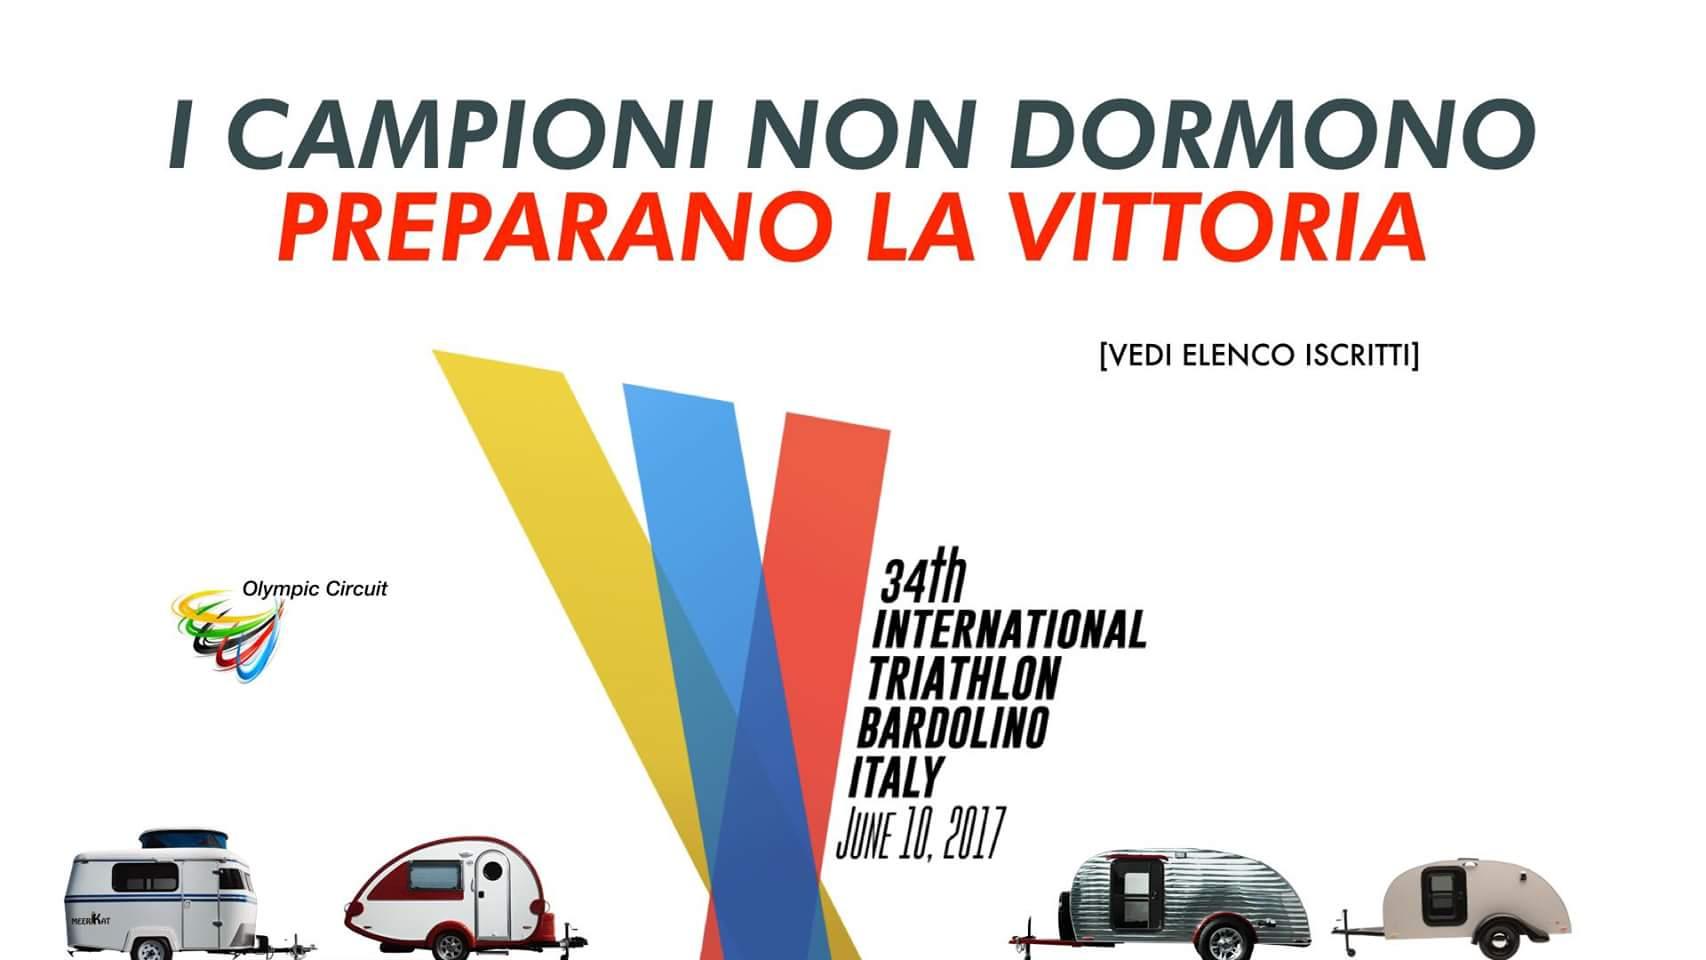 Lista partecipanti 34° Triathlon Internazionale di Bardolino